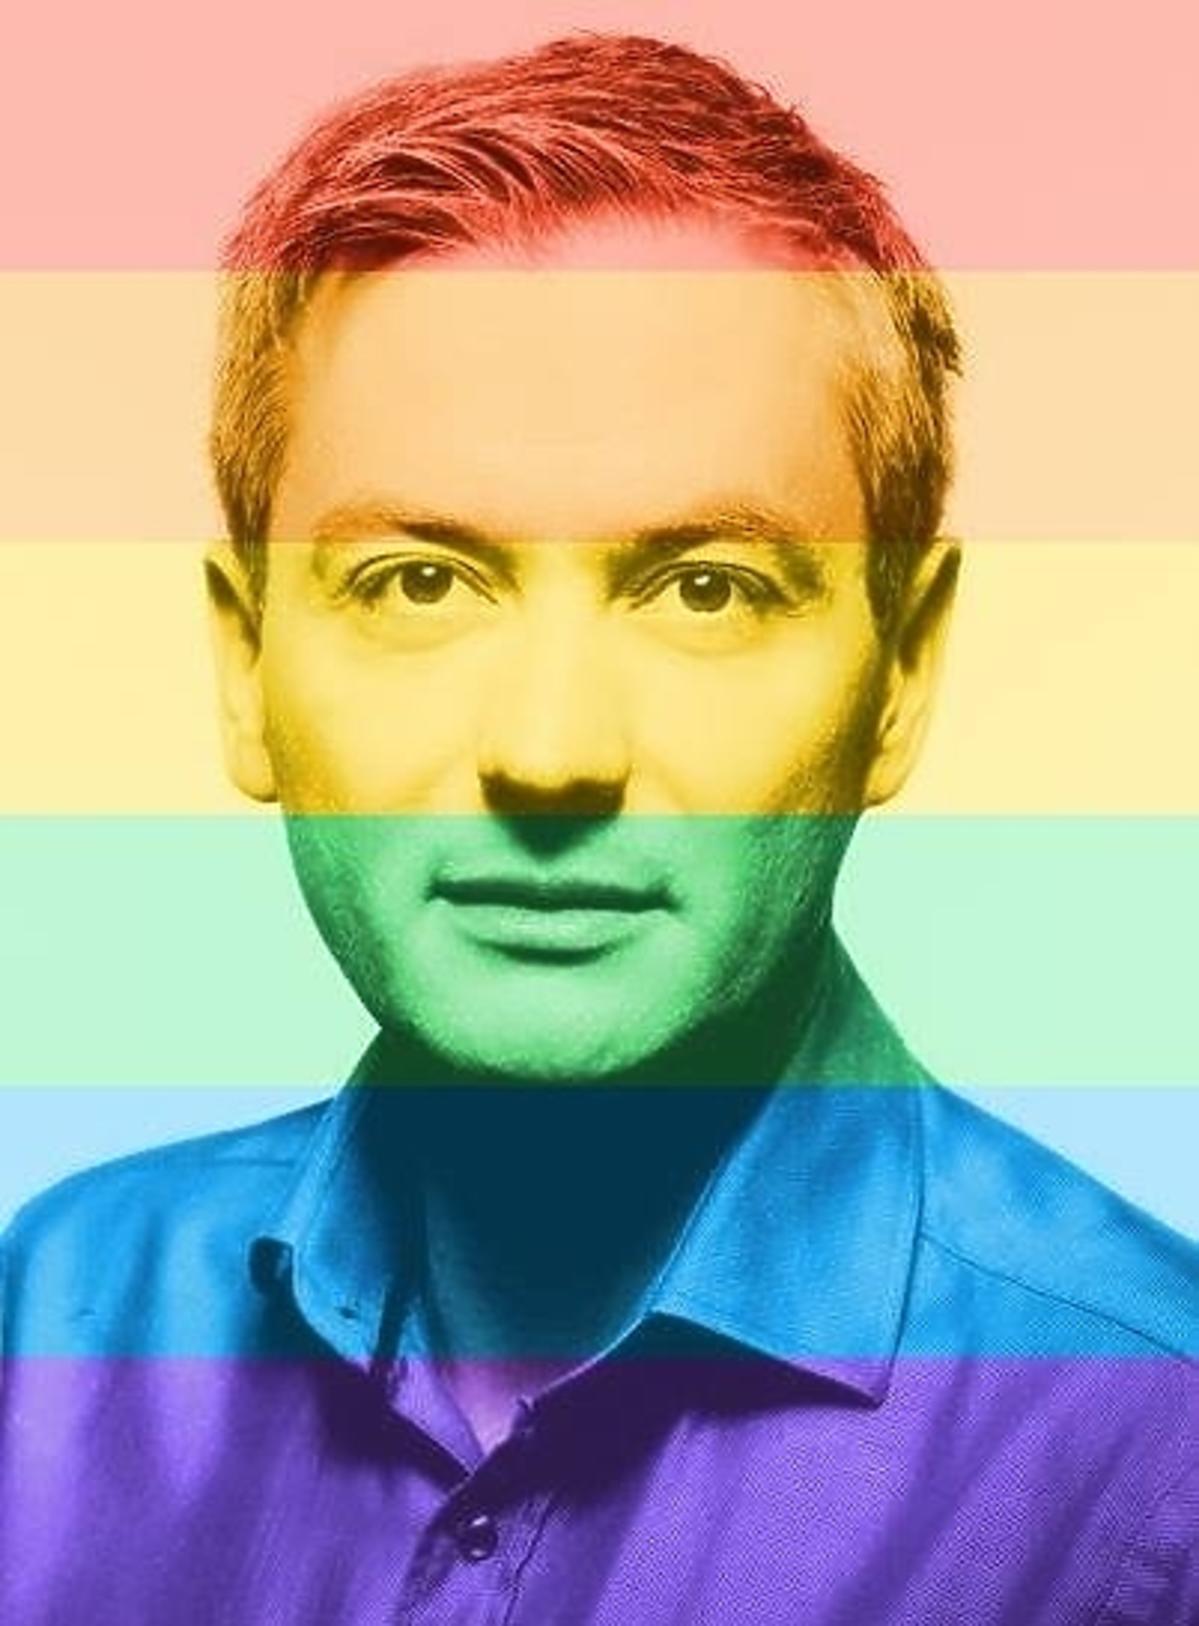 Robert Biedroń popiera związki jednopłciowe